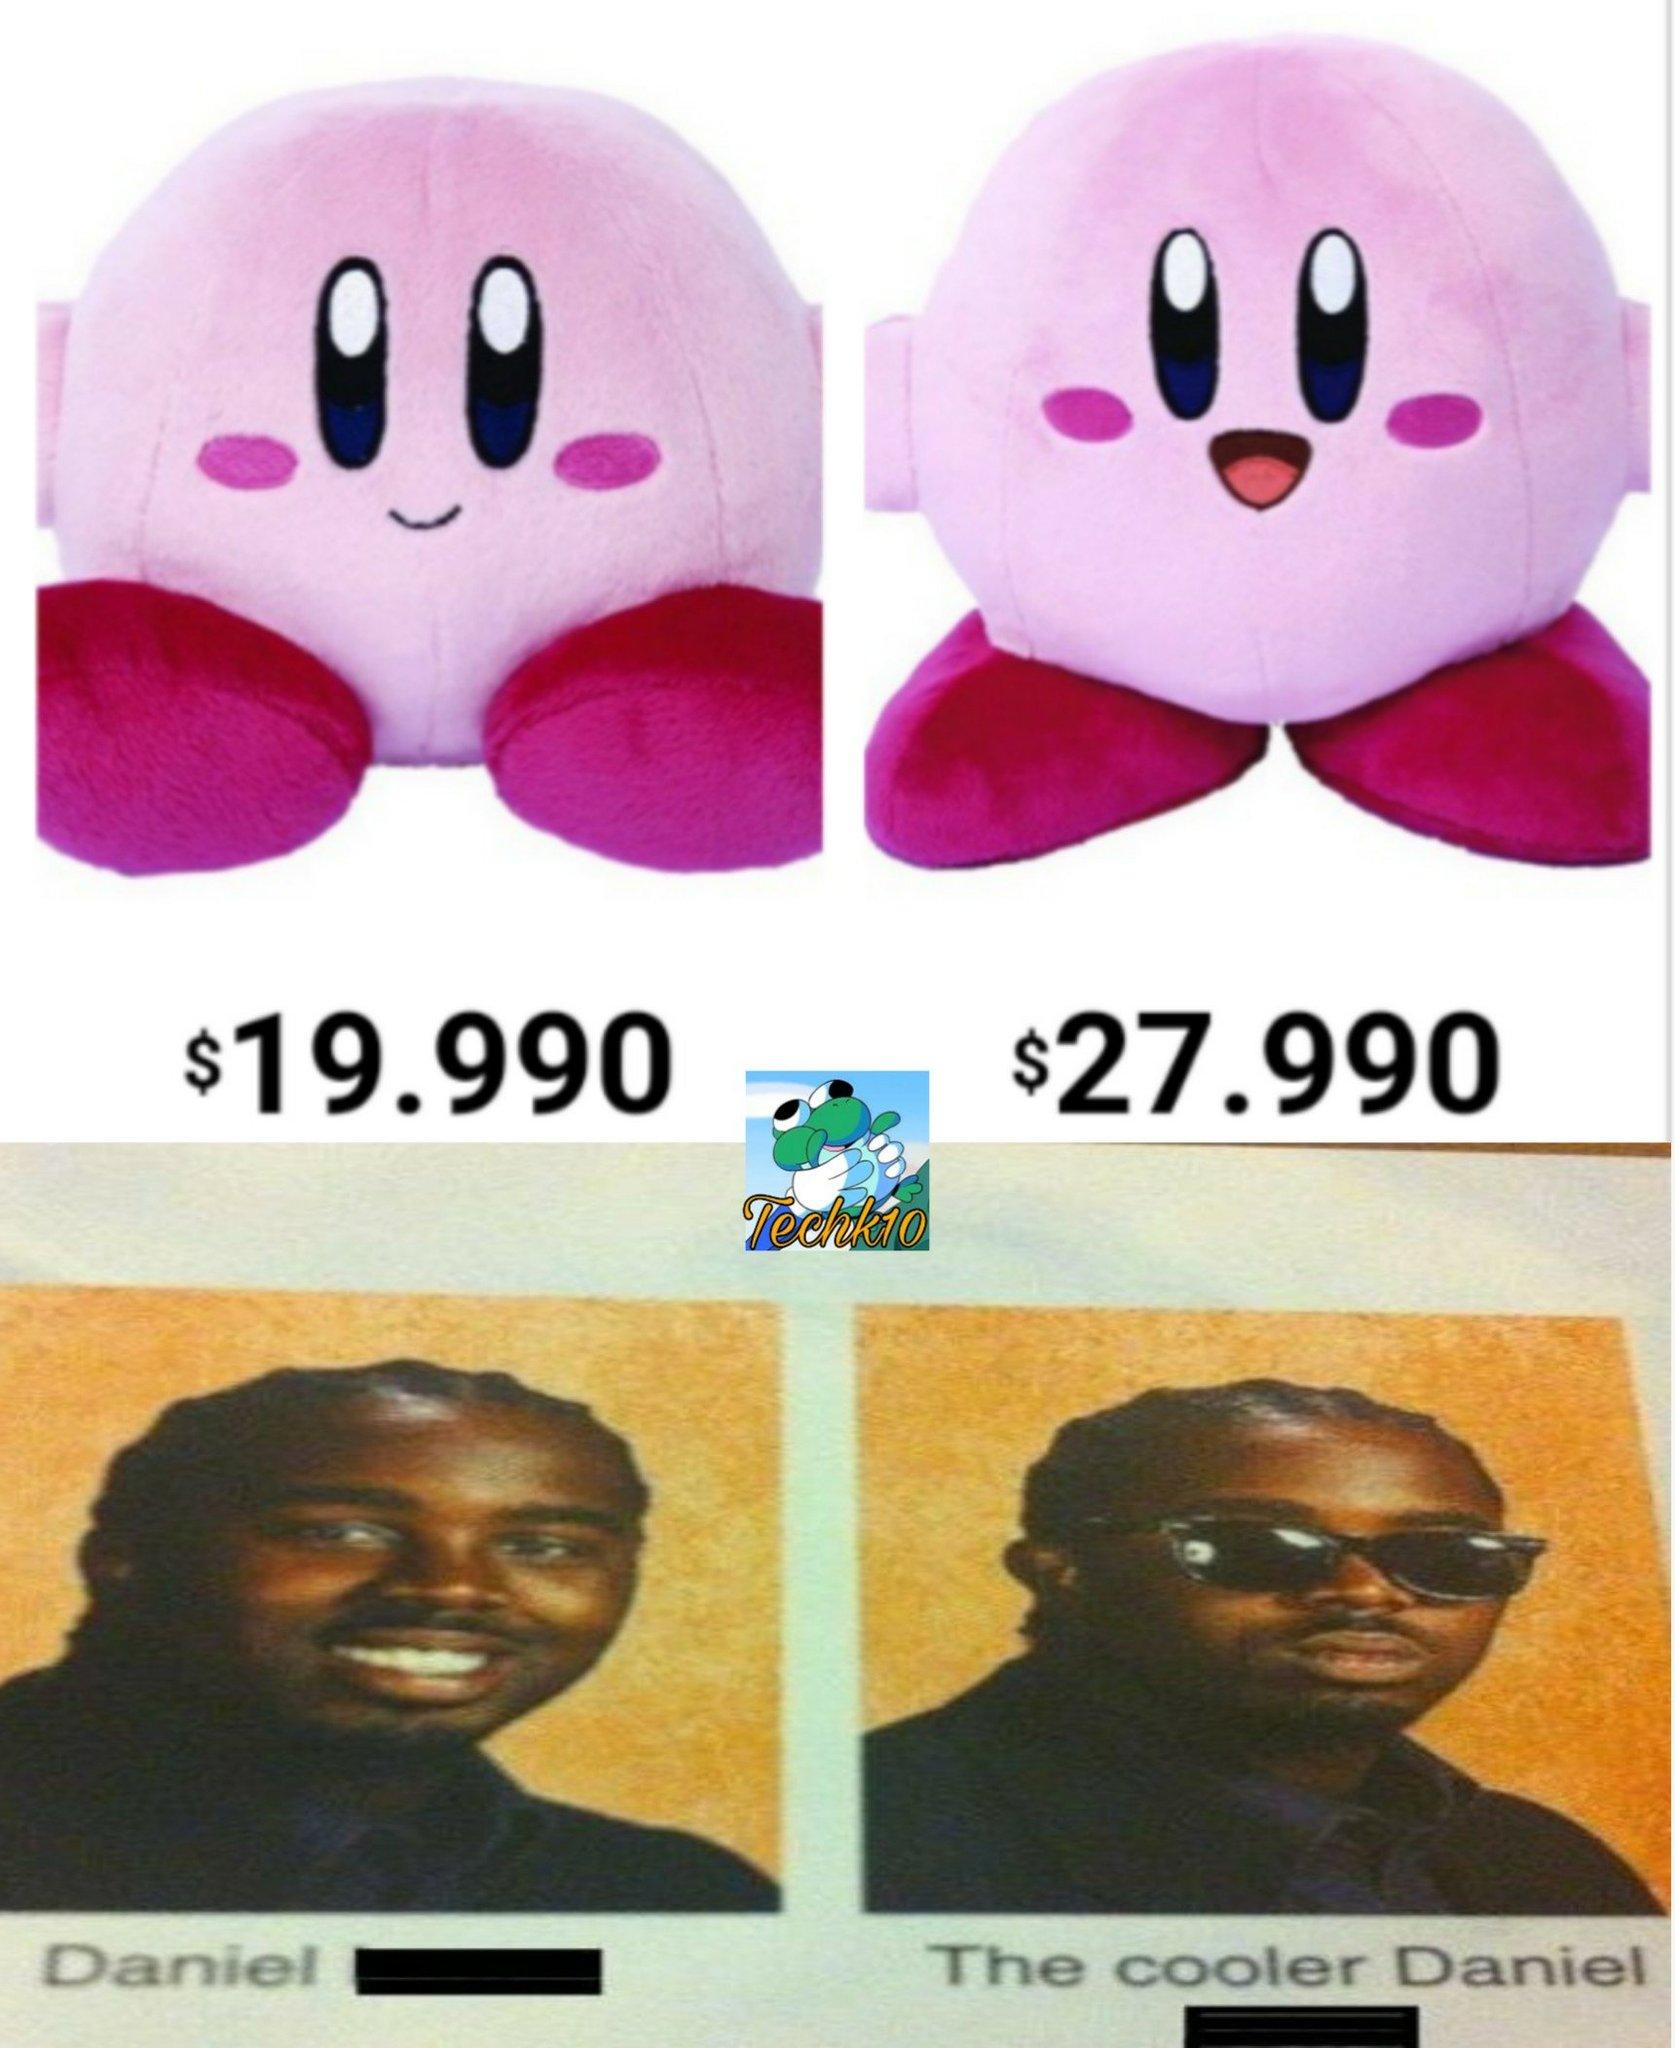 La diferencia de precio es bastante. - meme